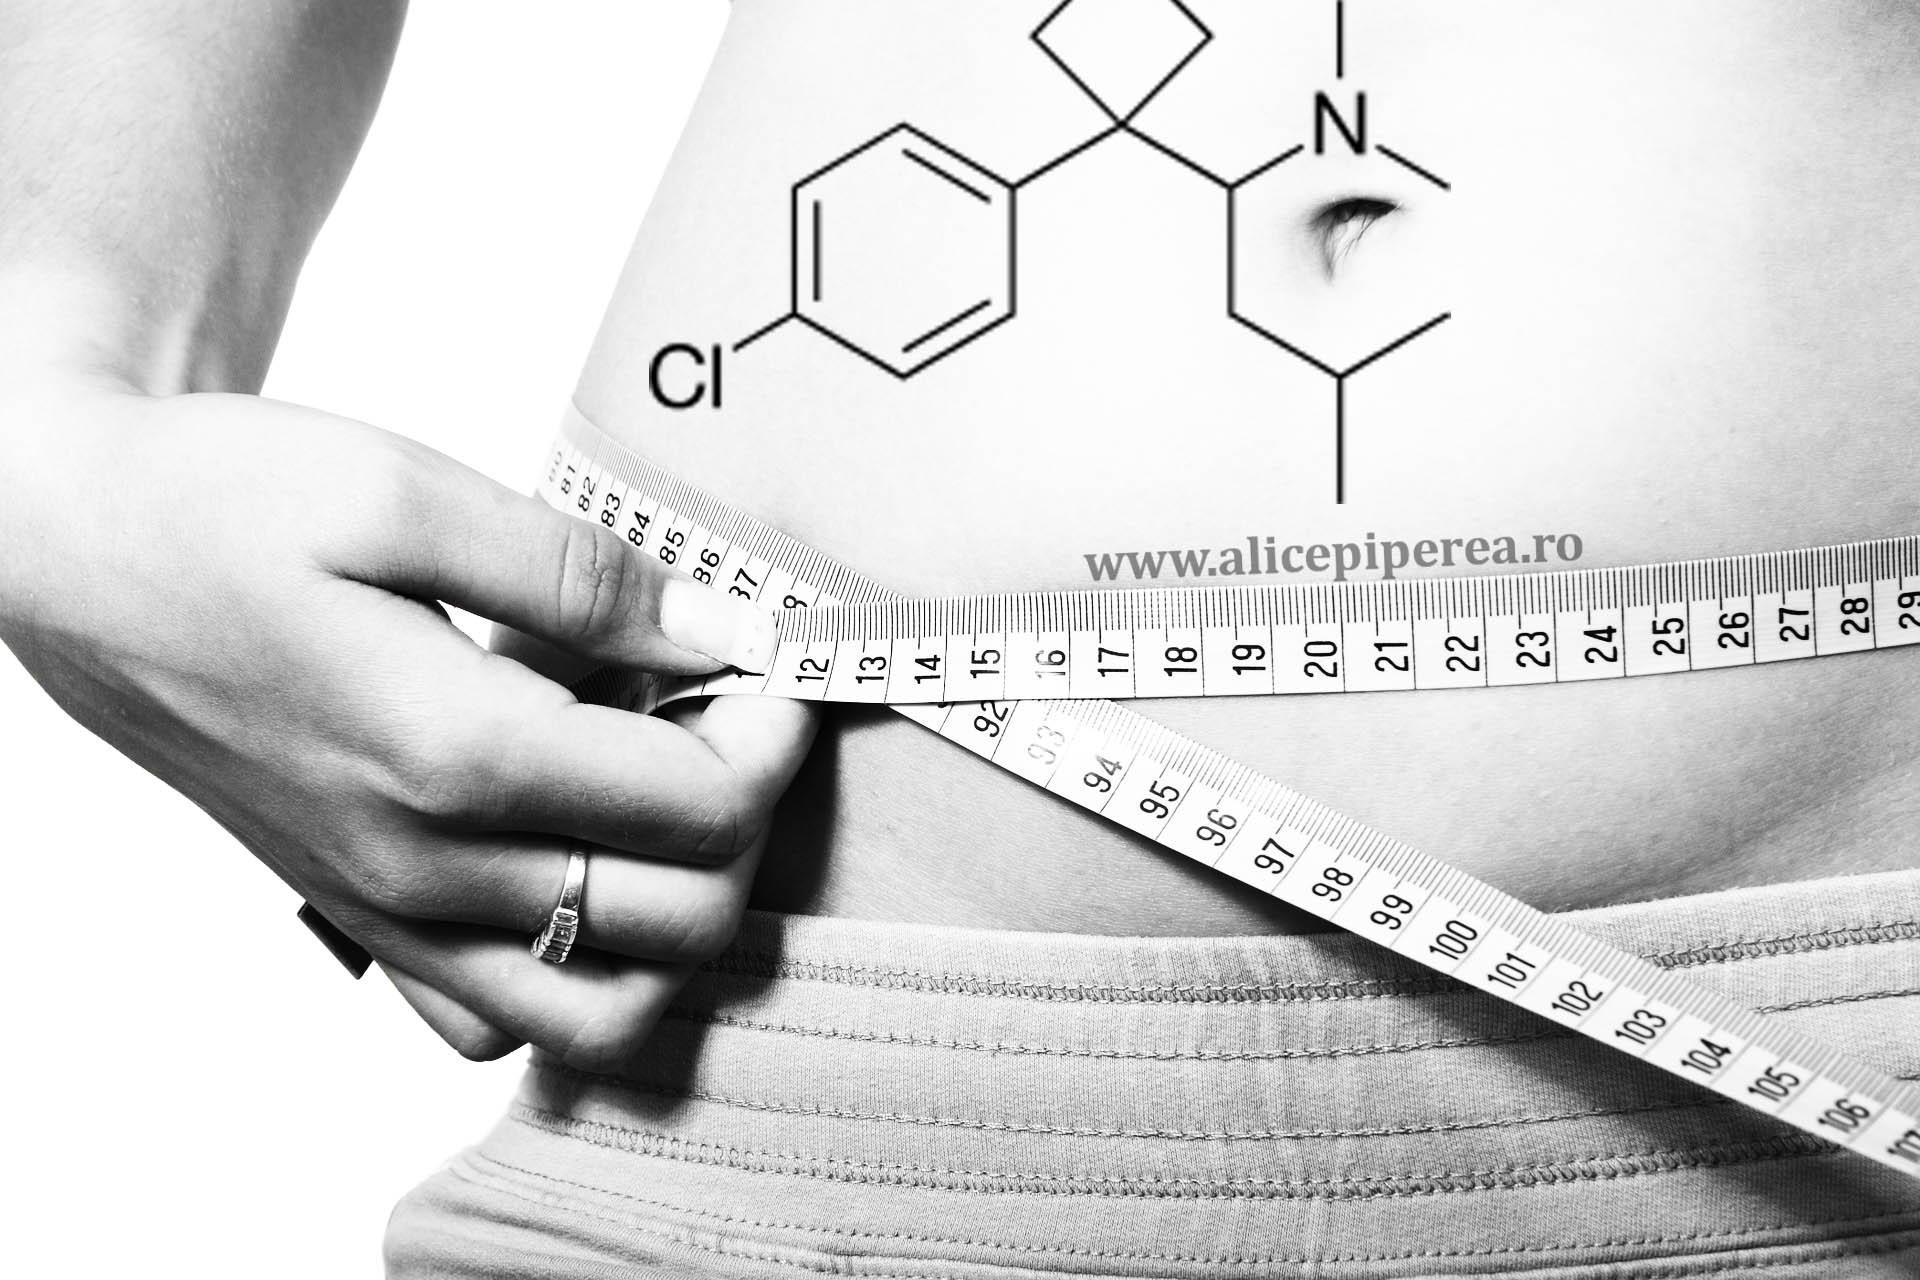 cele mai bune macrocomenzi pentru endomorful de pierdere în greutate cele mai bune conturi de twitter de pierdere în greutate